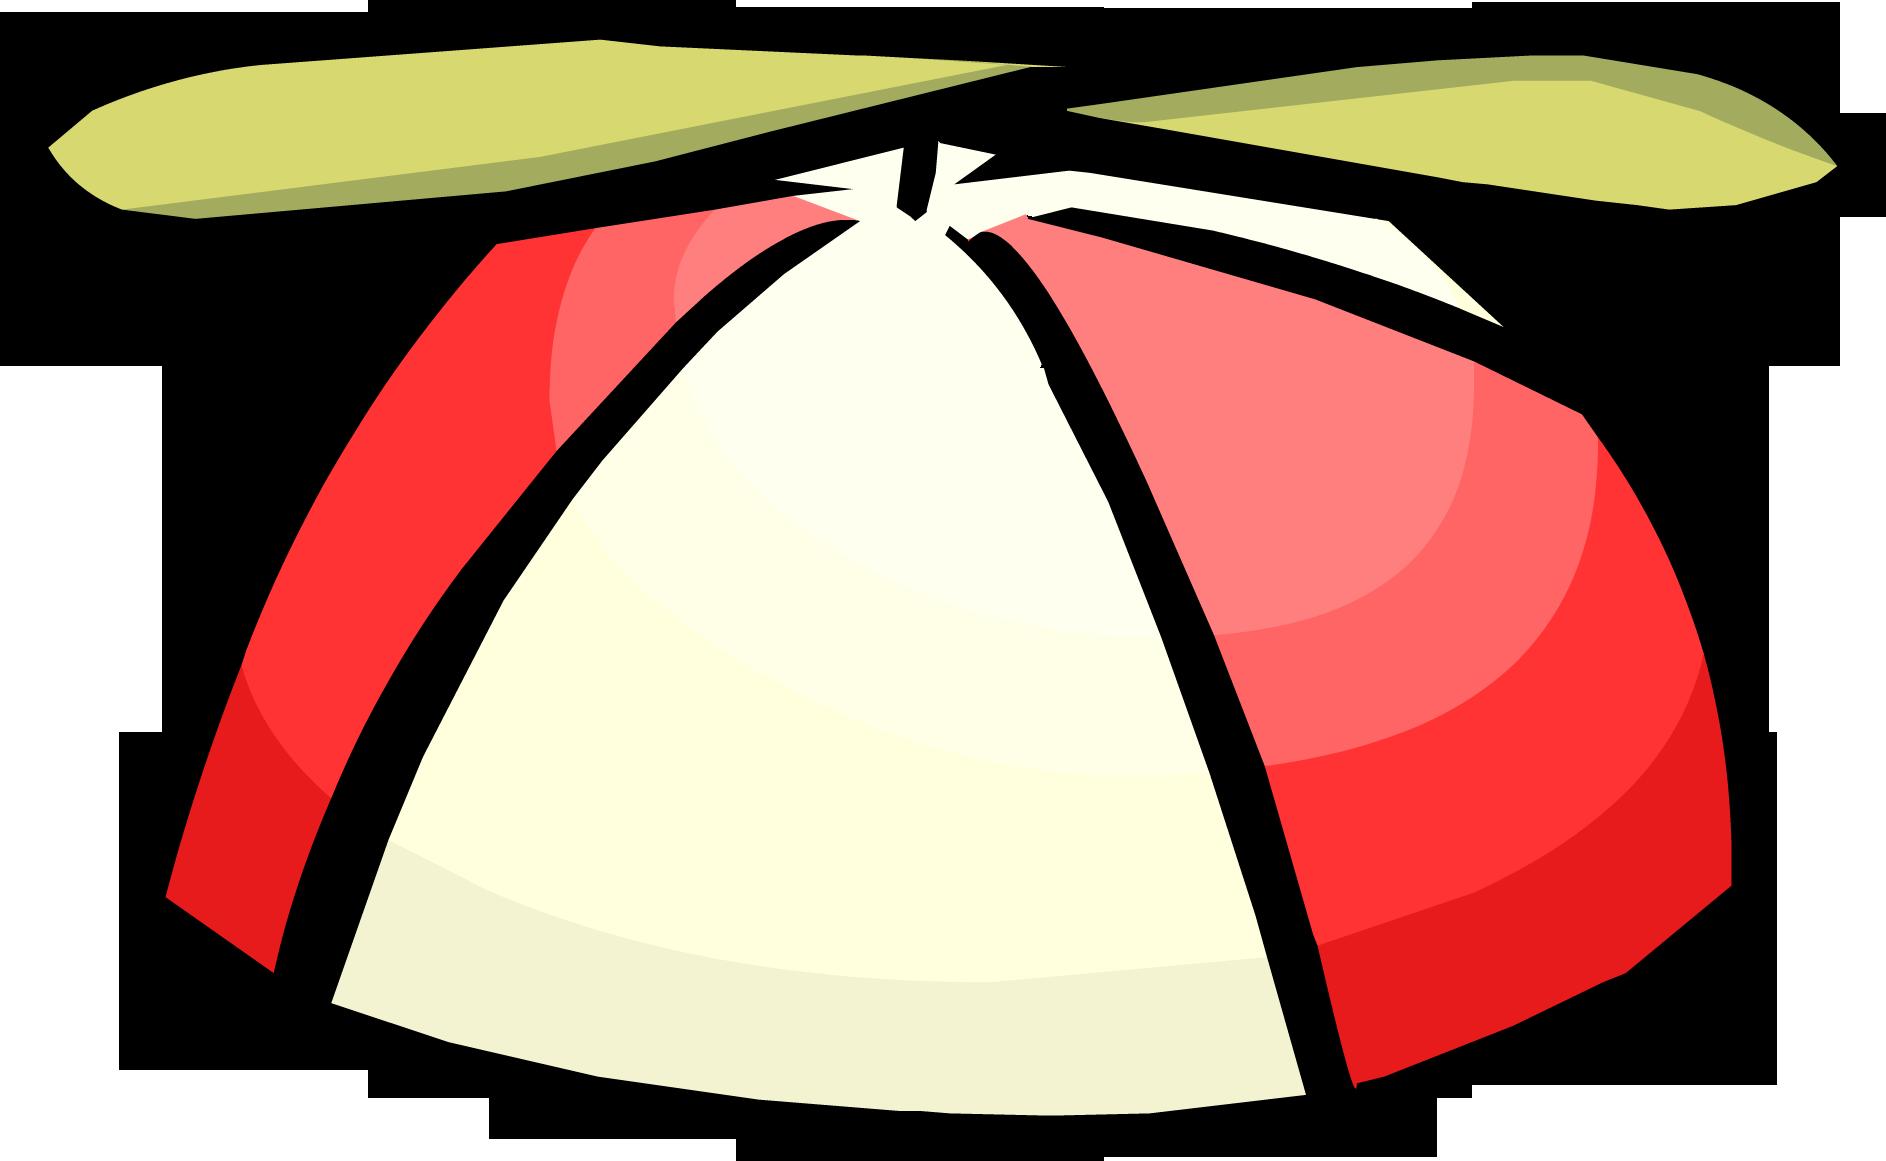 Red Propeller Cap